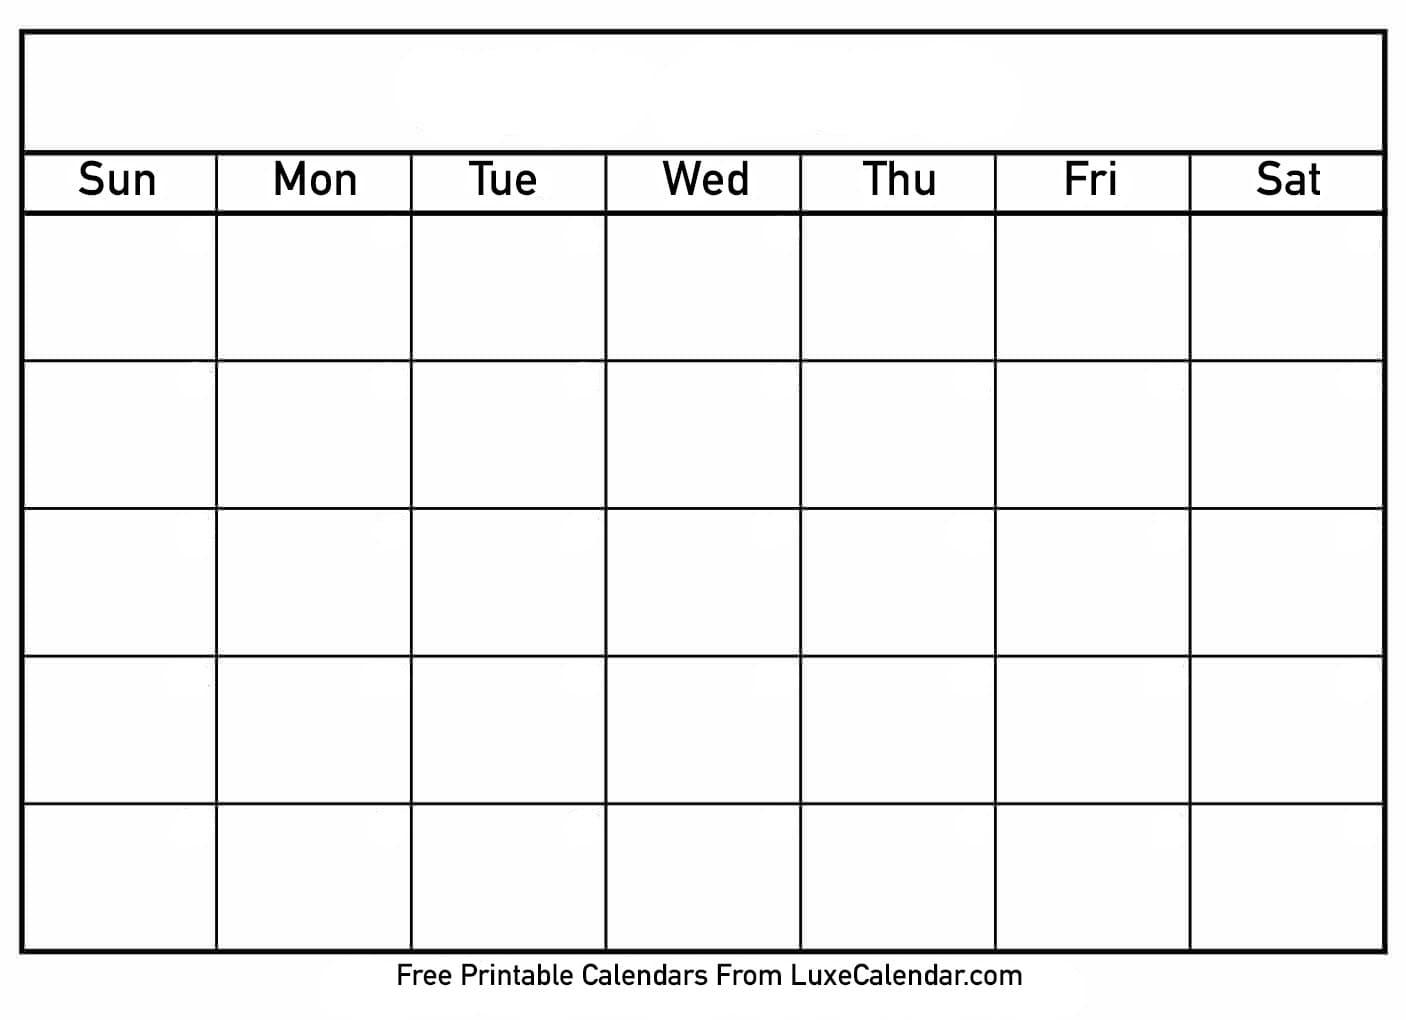 Blank Printable Calendar - Luxe Calendar with Fill In Calendar Templates